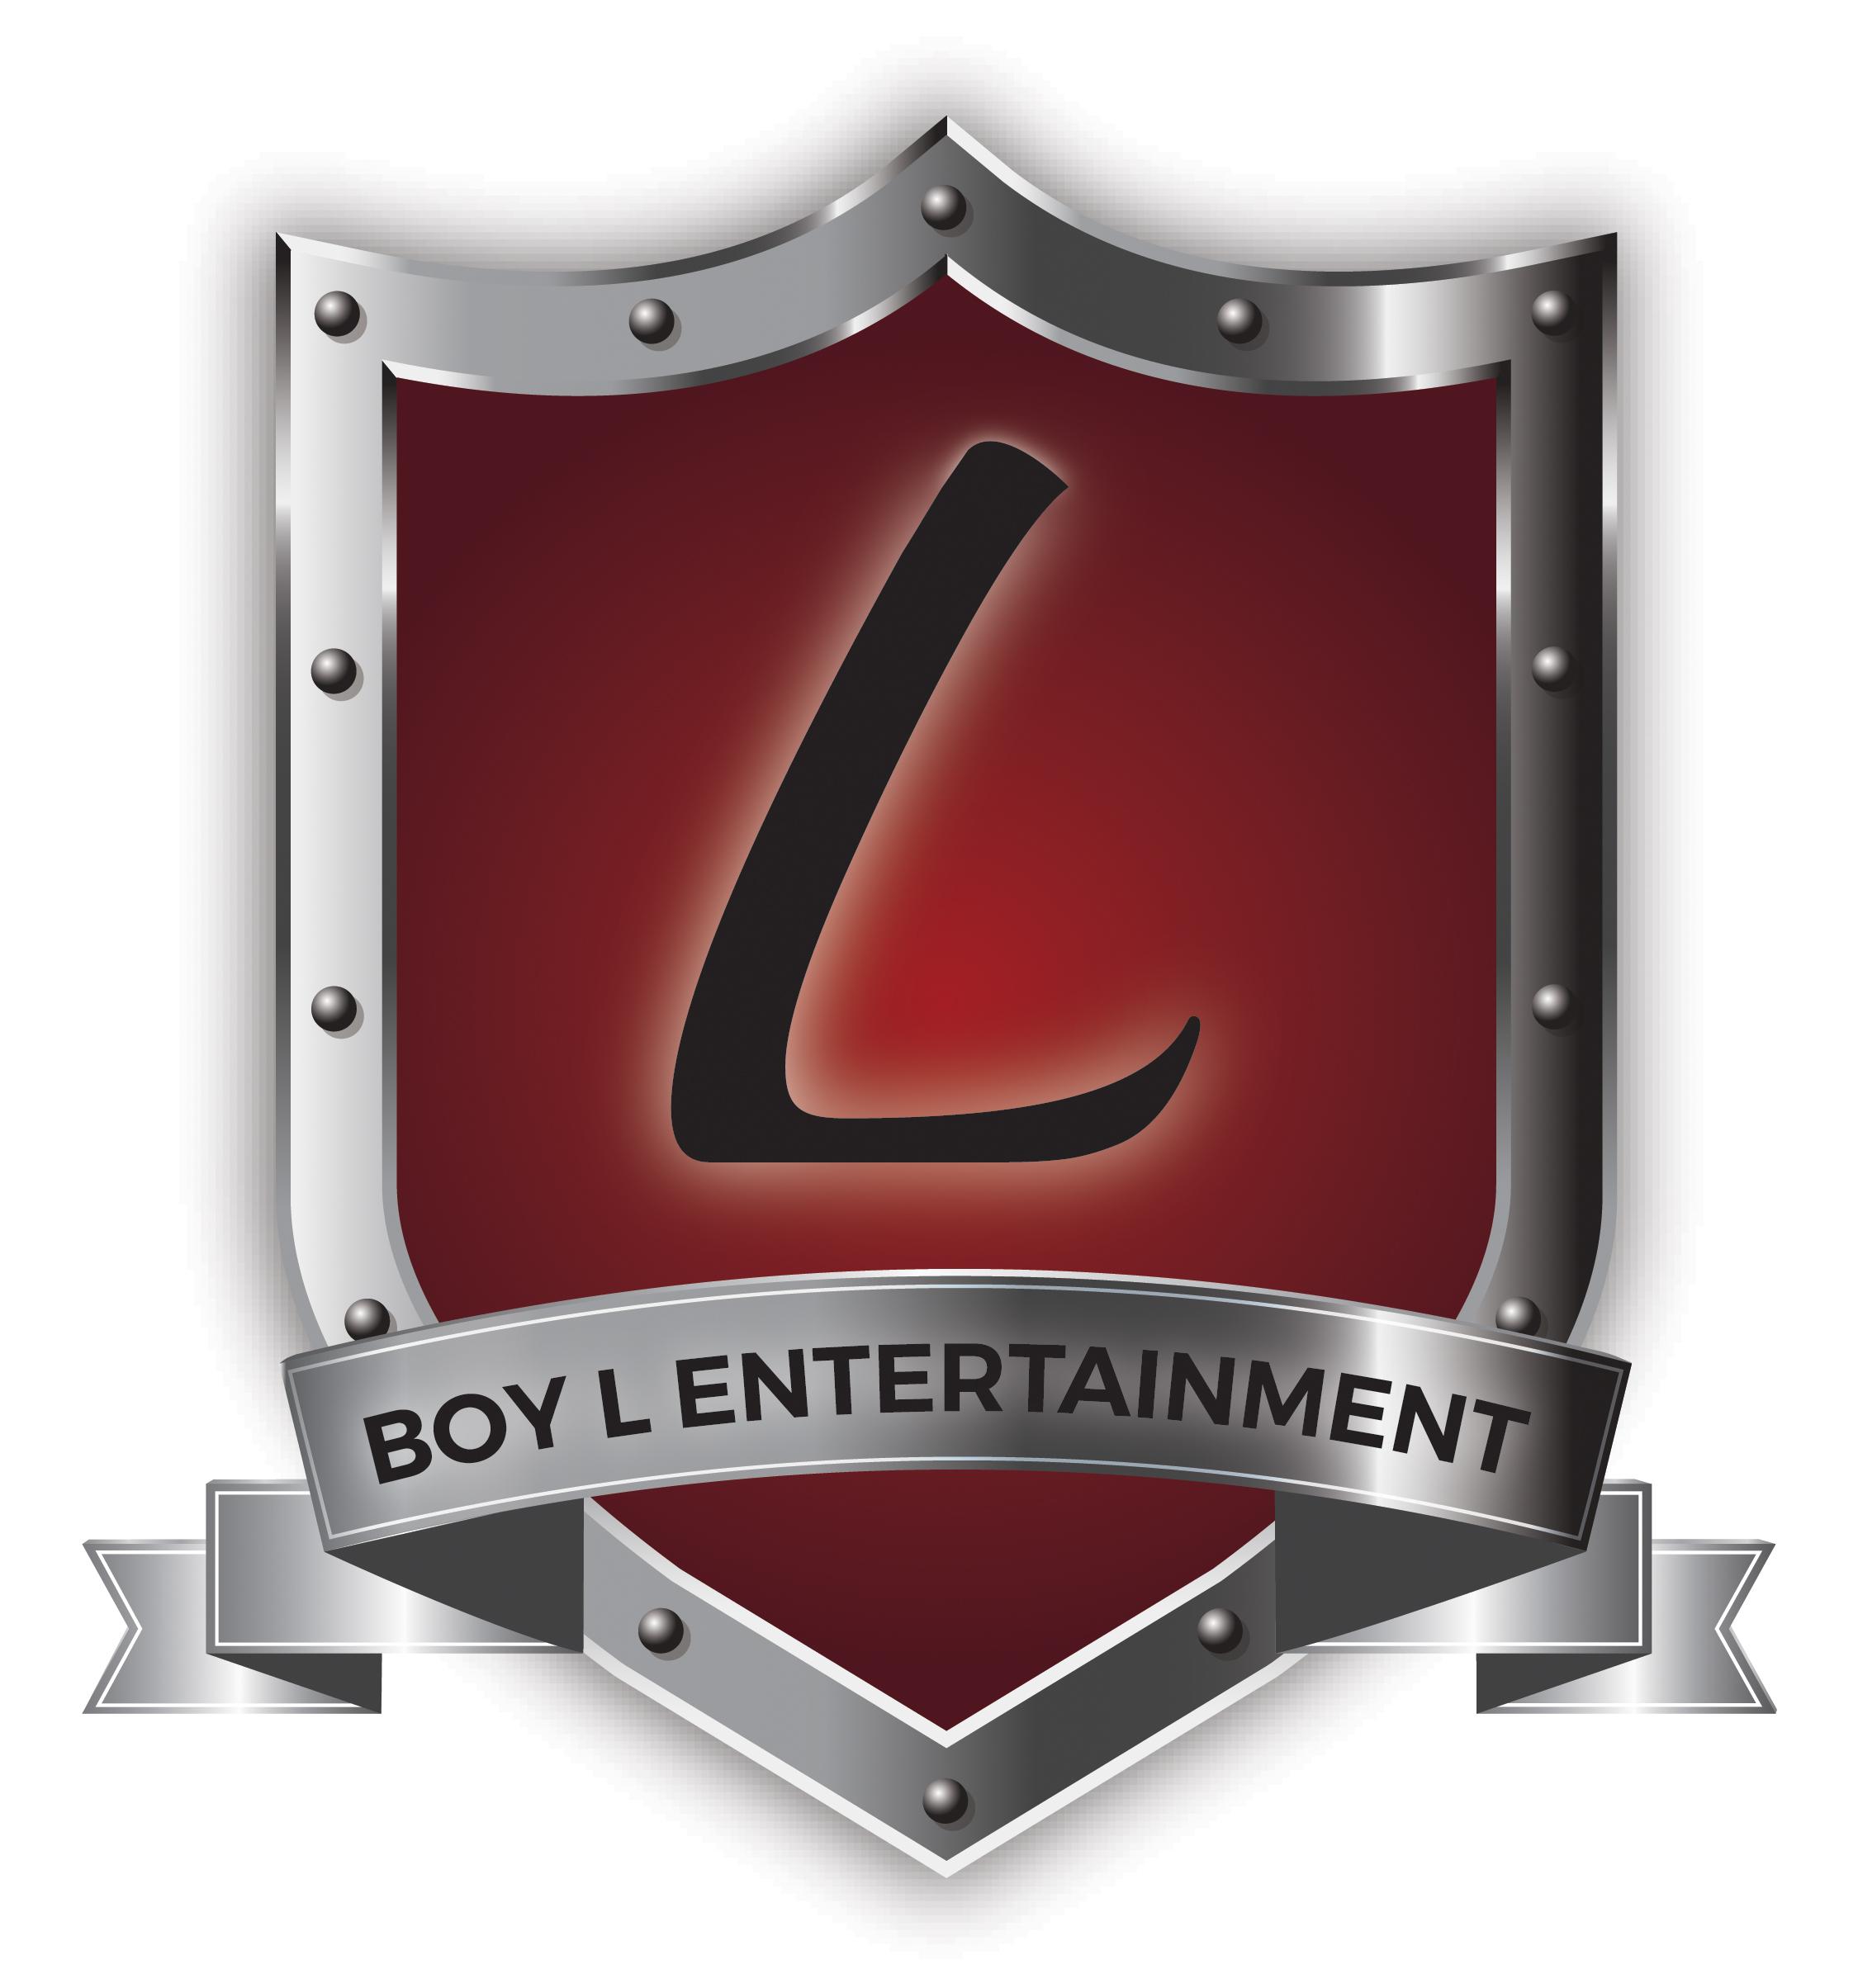 Boy L Ent LOGO Red